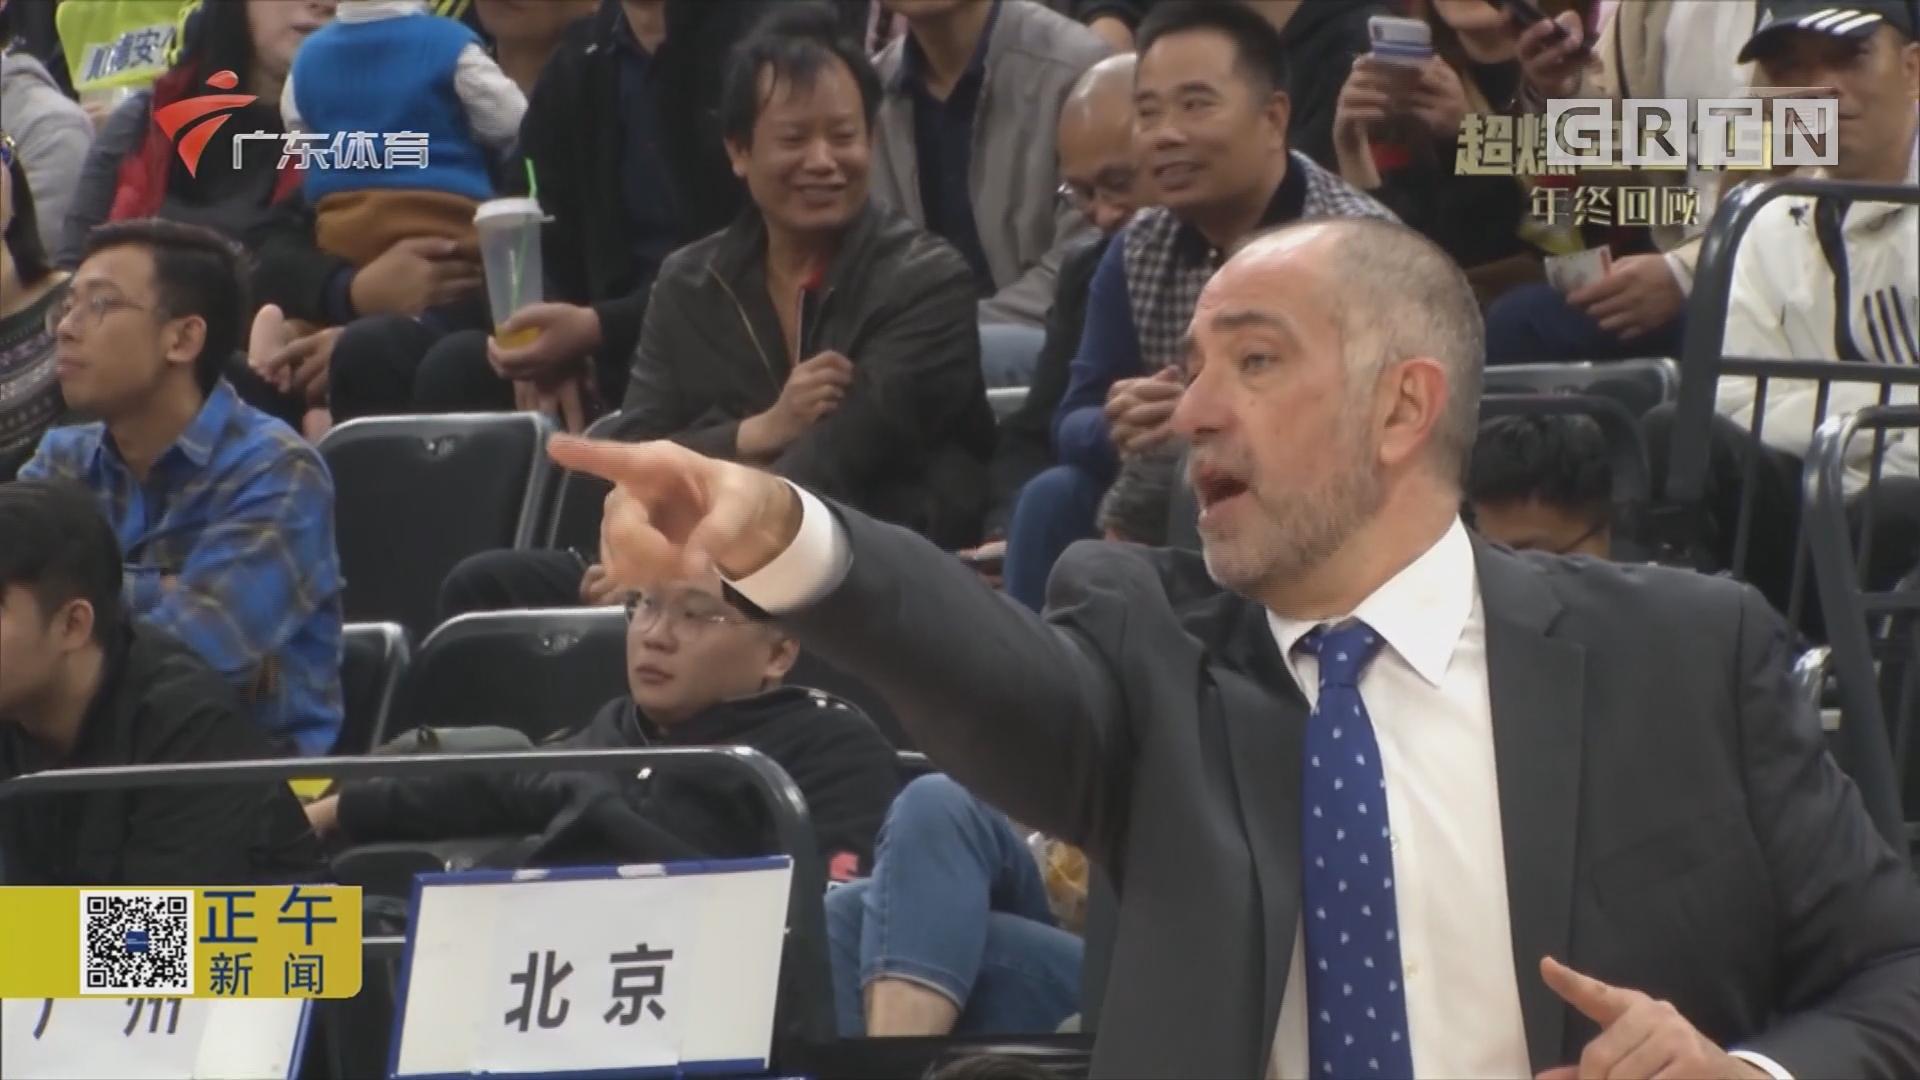 時代中國廣州隊隊員大換血 新賽季劍指季后賽